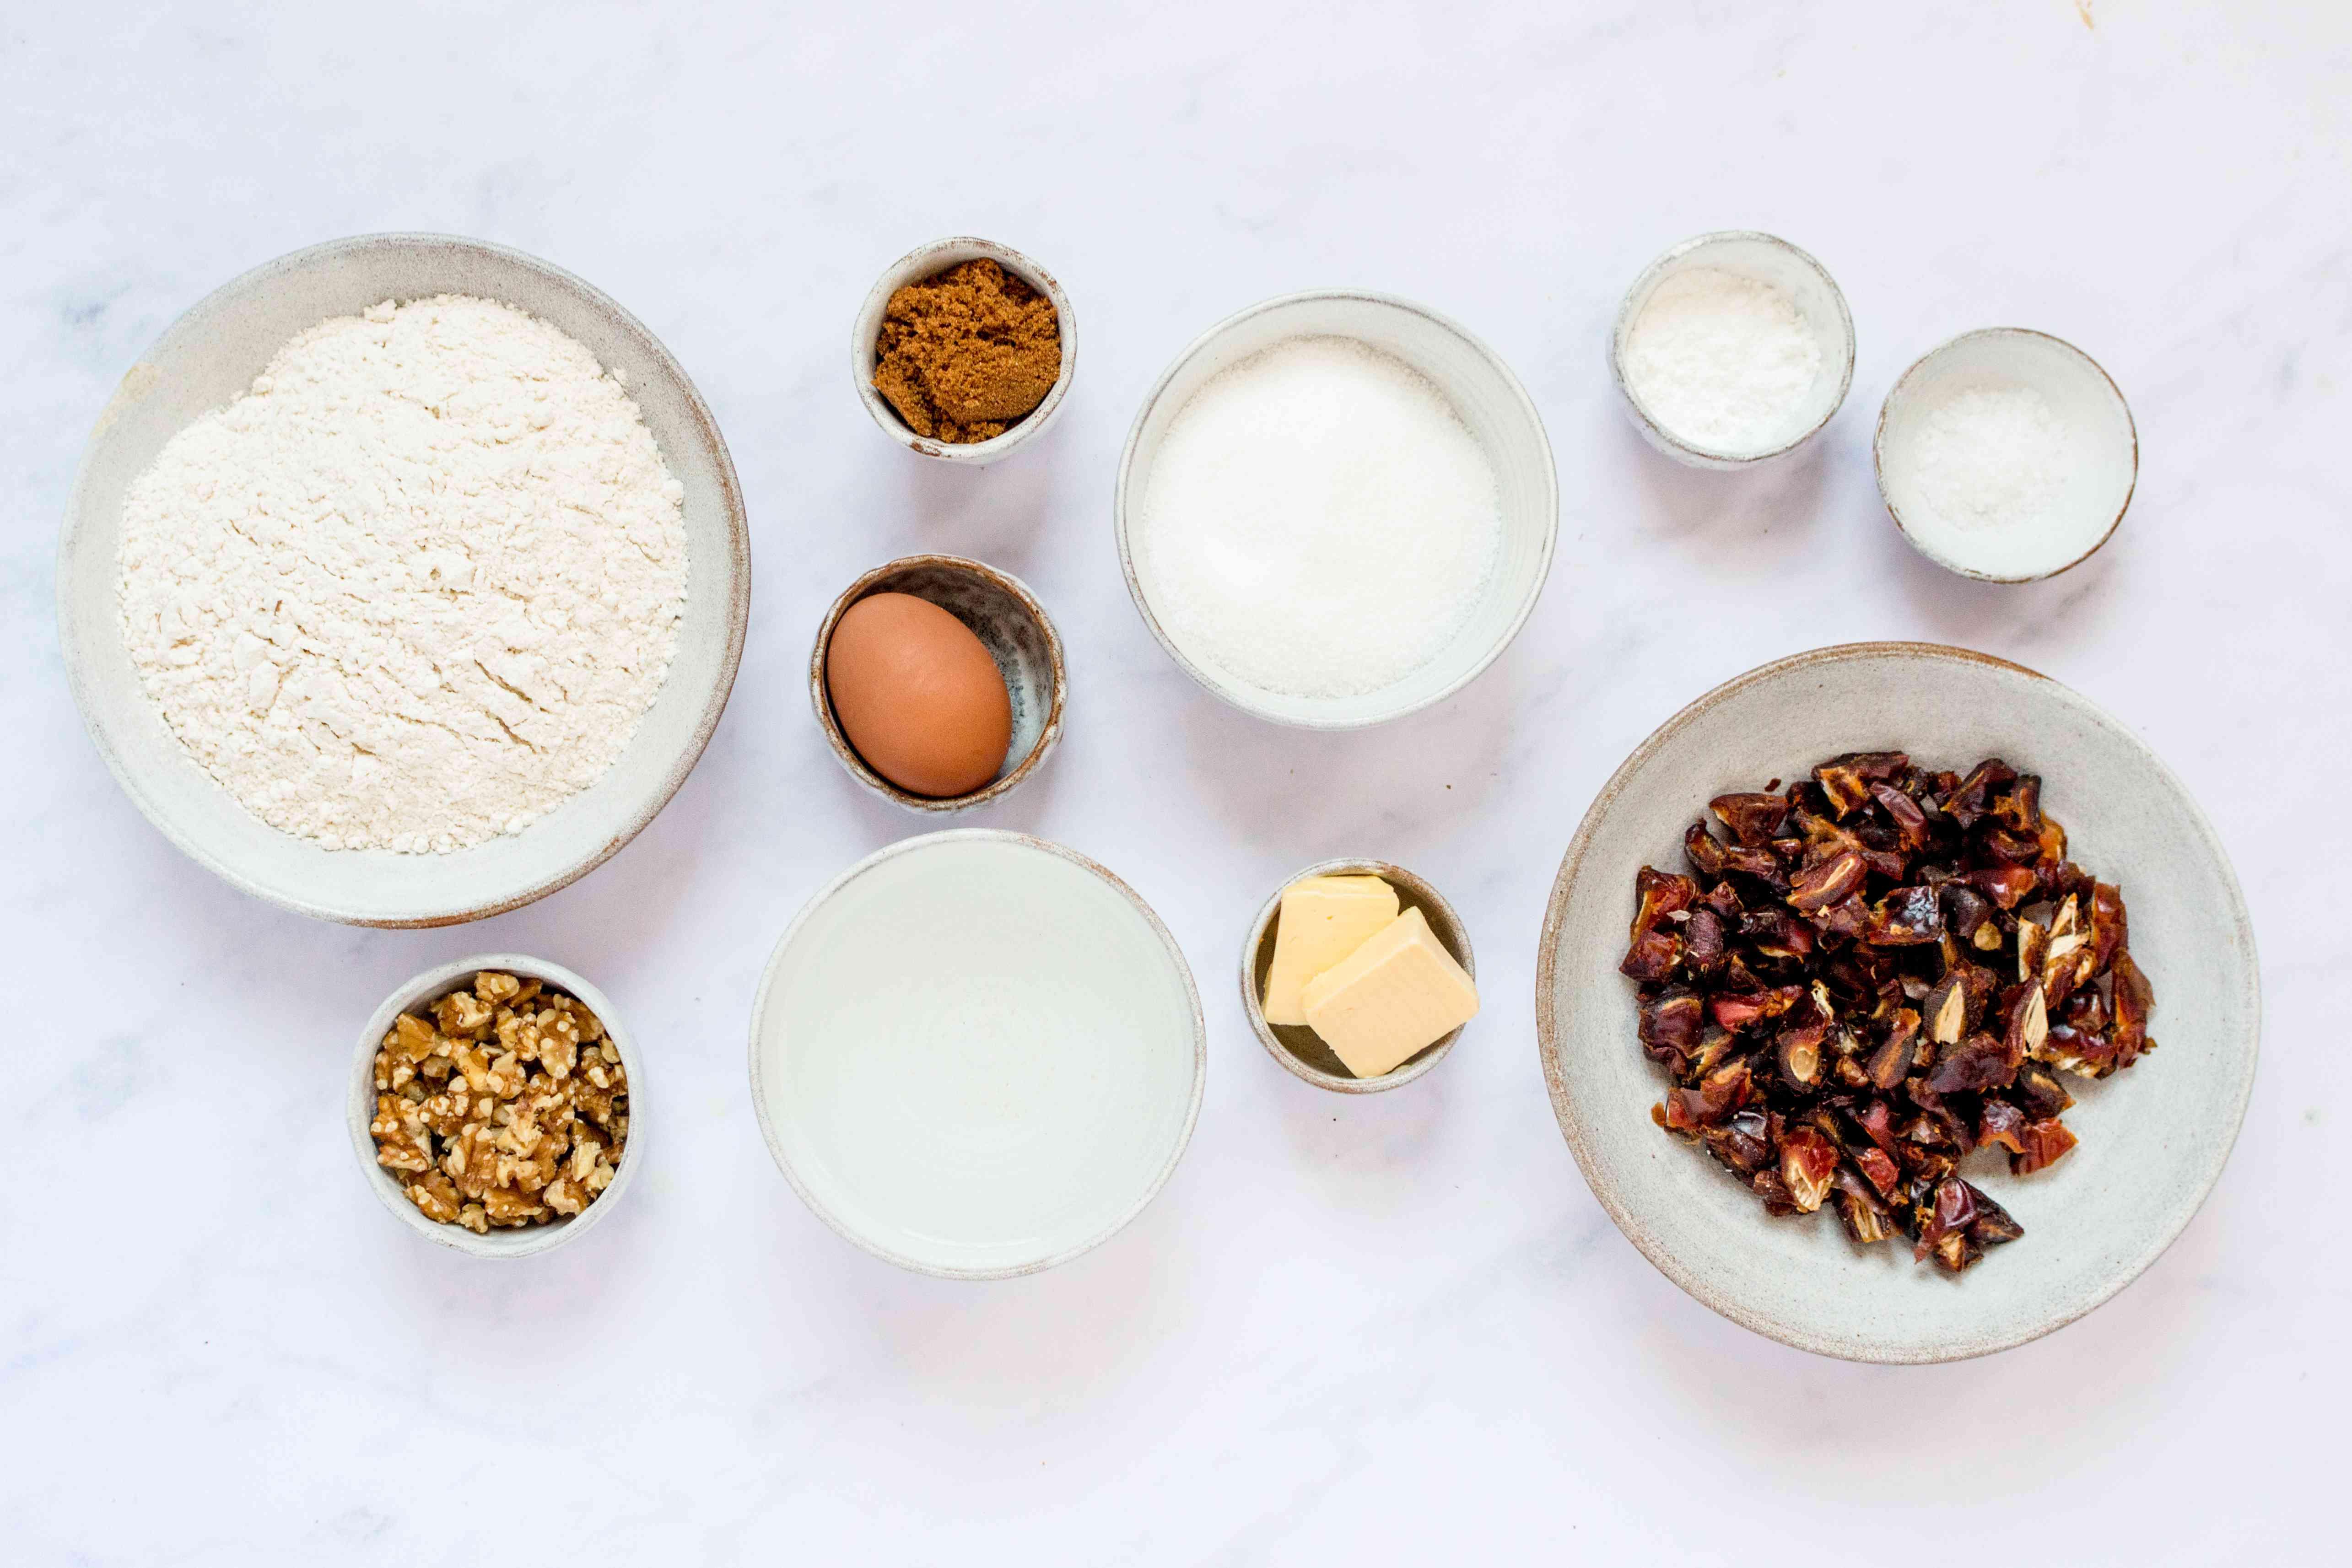 Classic Moist Date Nut Bread ingredients